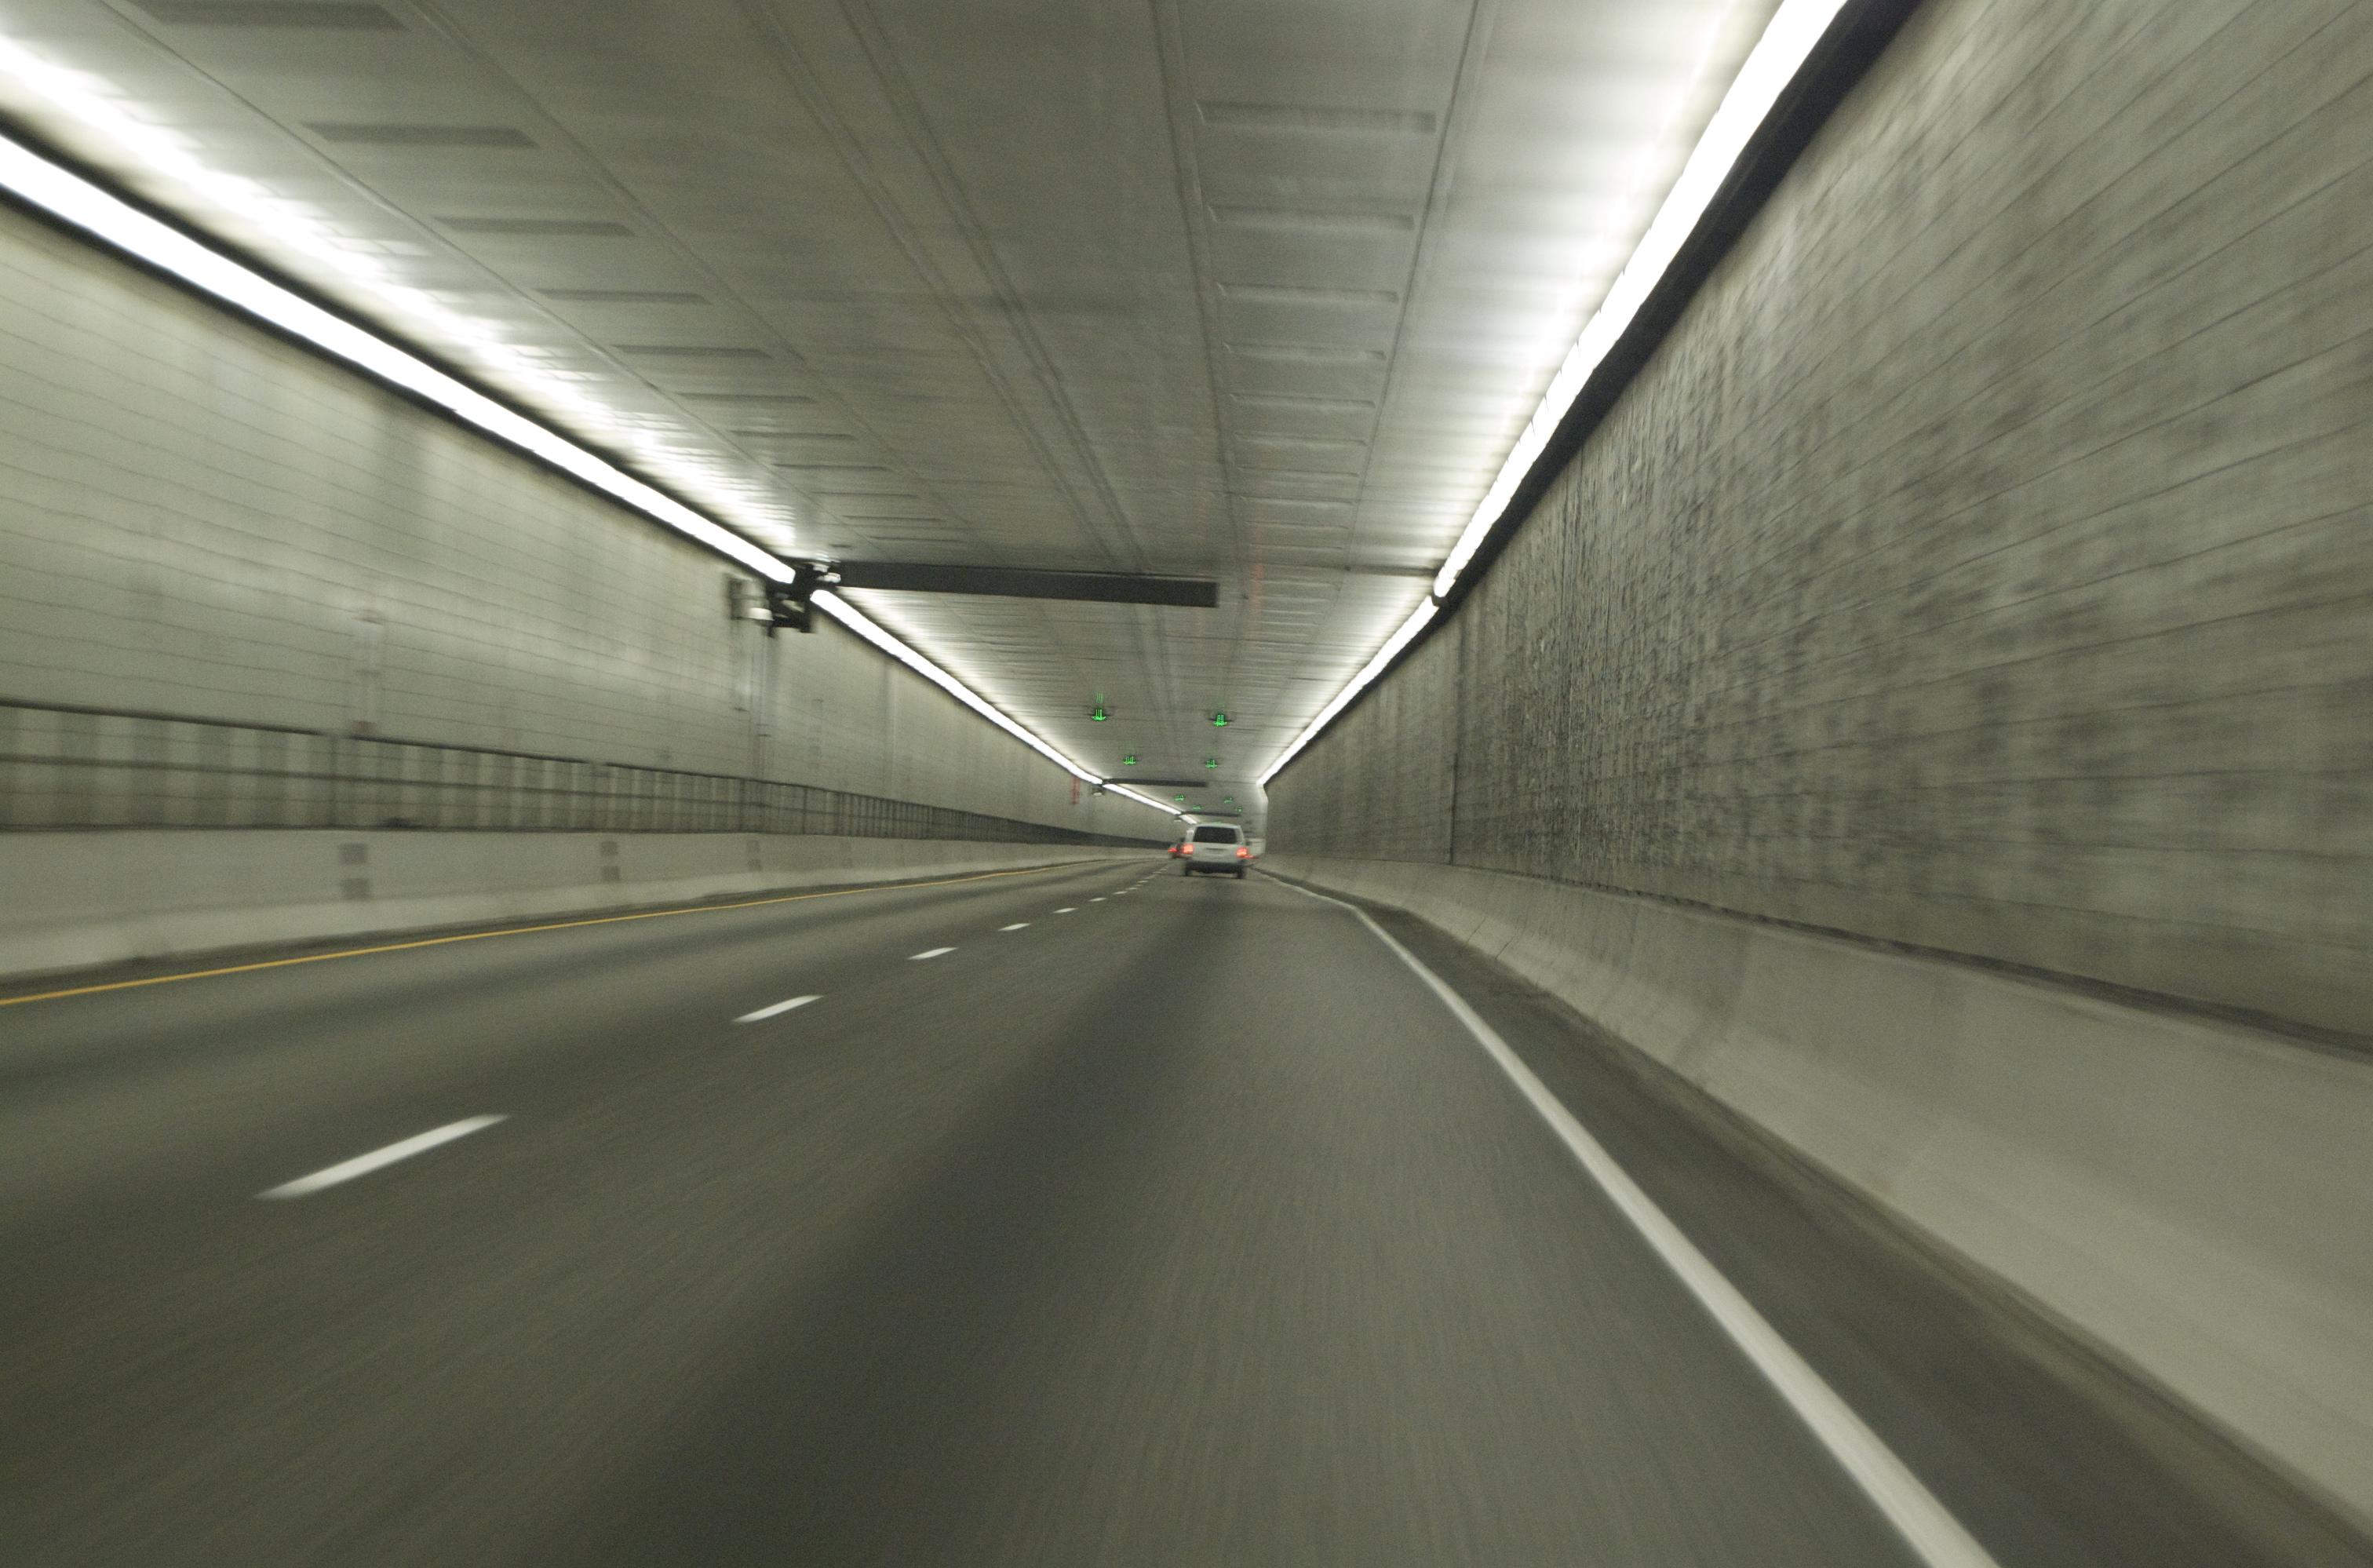 eisenhower tunnel height